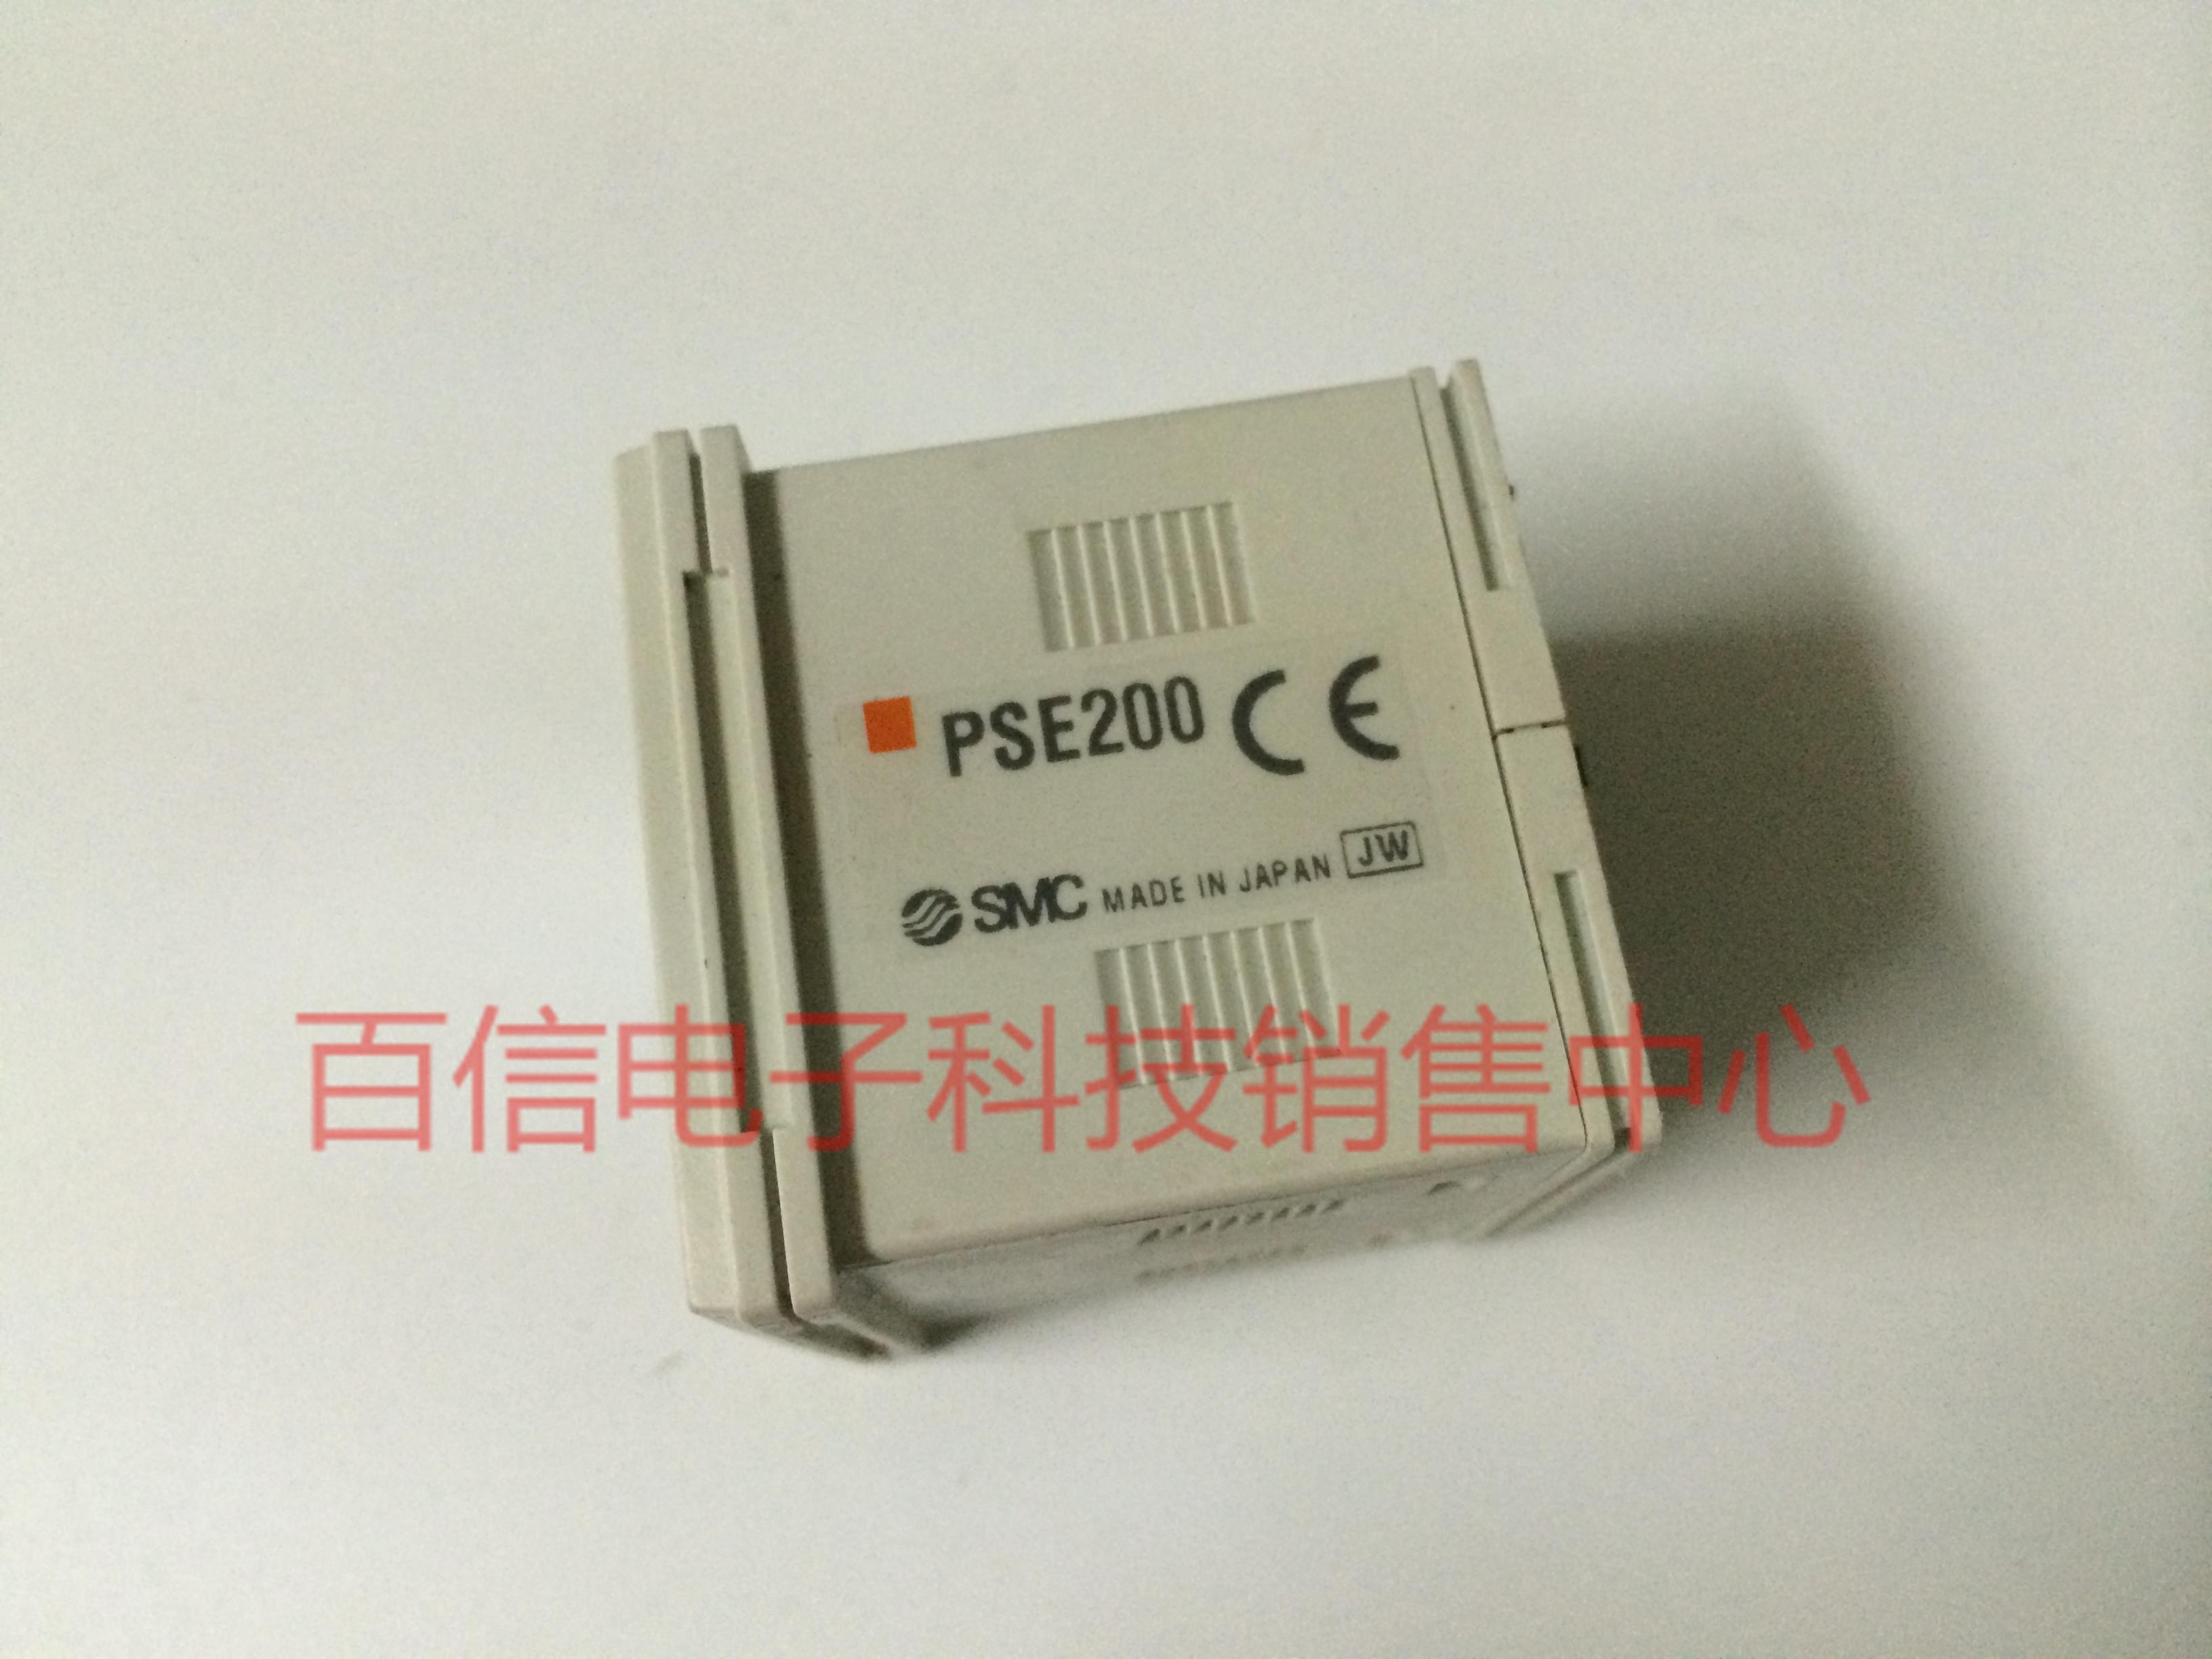 оригинальный японский РРХВ в убыток расчистки Аутентичные датчик обнаружения голову PSE200 вакуумный манометр